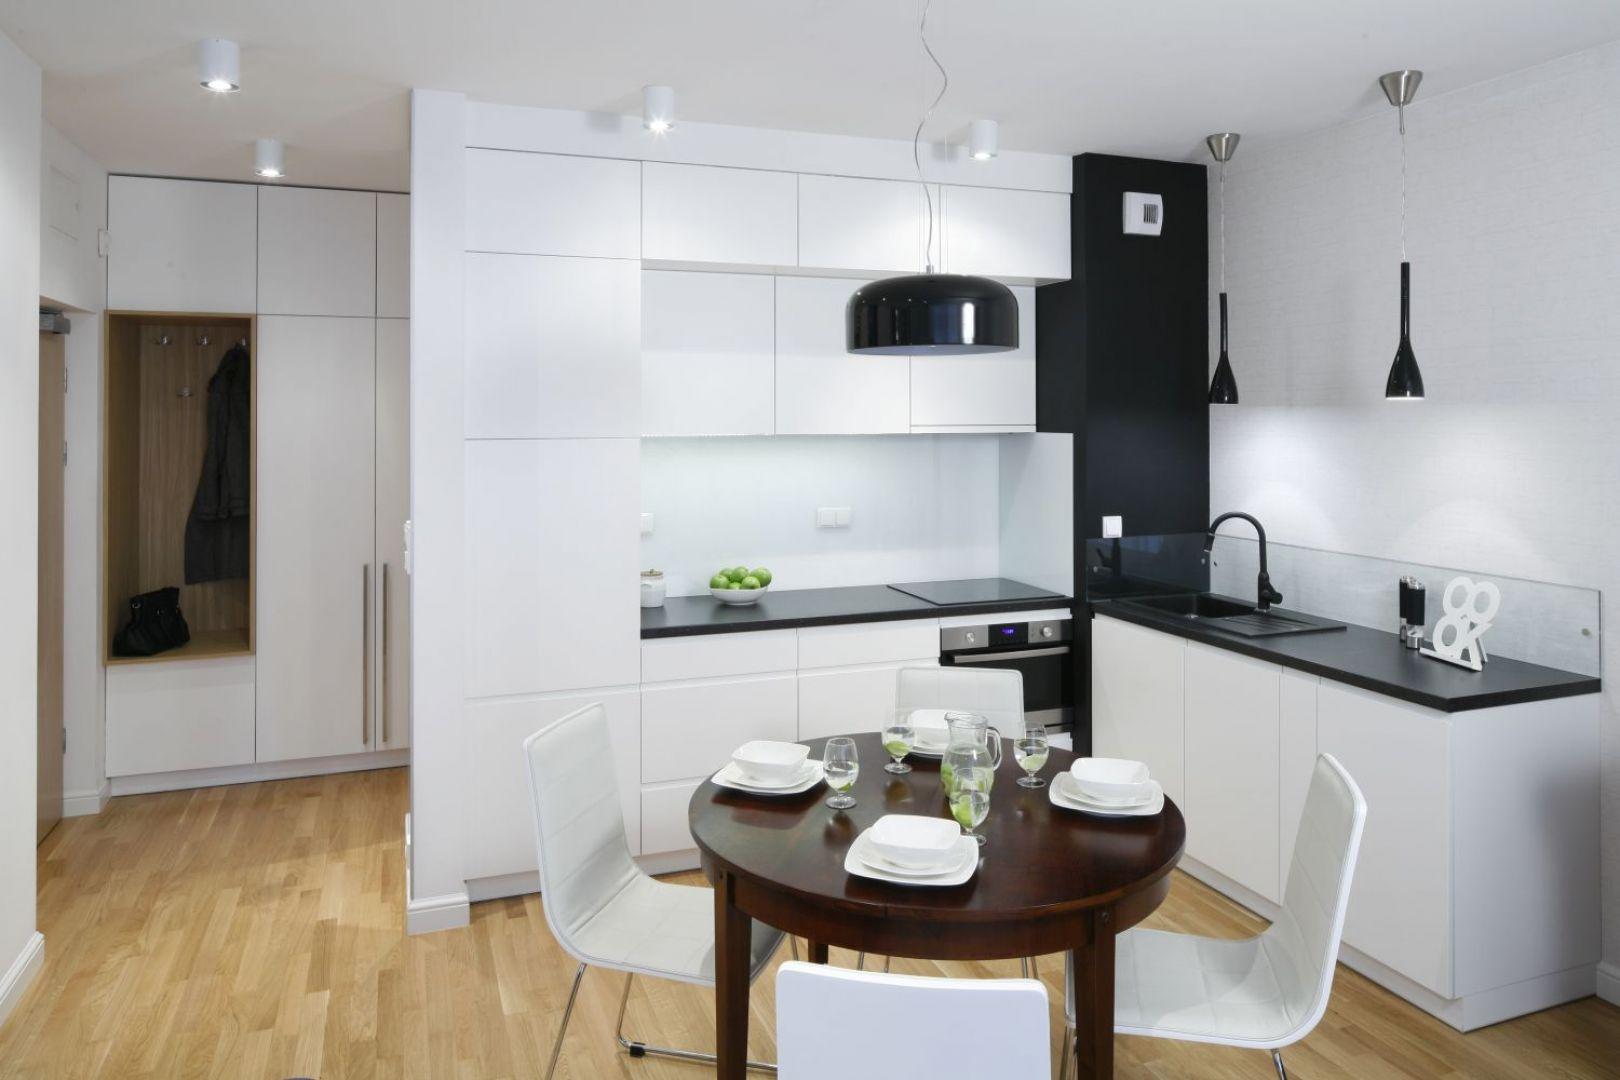 Jasna kuchnia w kształcie litery L to doskonała propozycja do małego mieszkania, gdzie przestrzeń kuchenna połączona jest z dzienną.Projekt: Ewa Para. Fot. Bartosz Jarosz